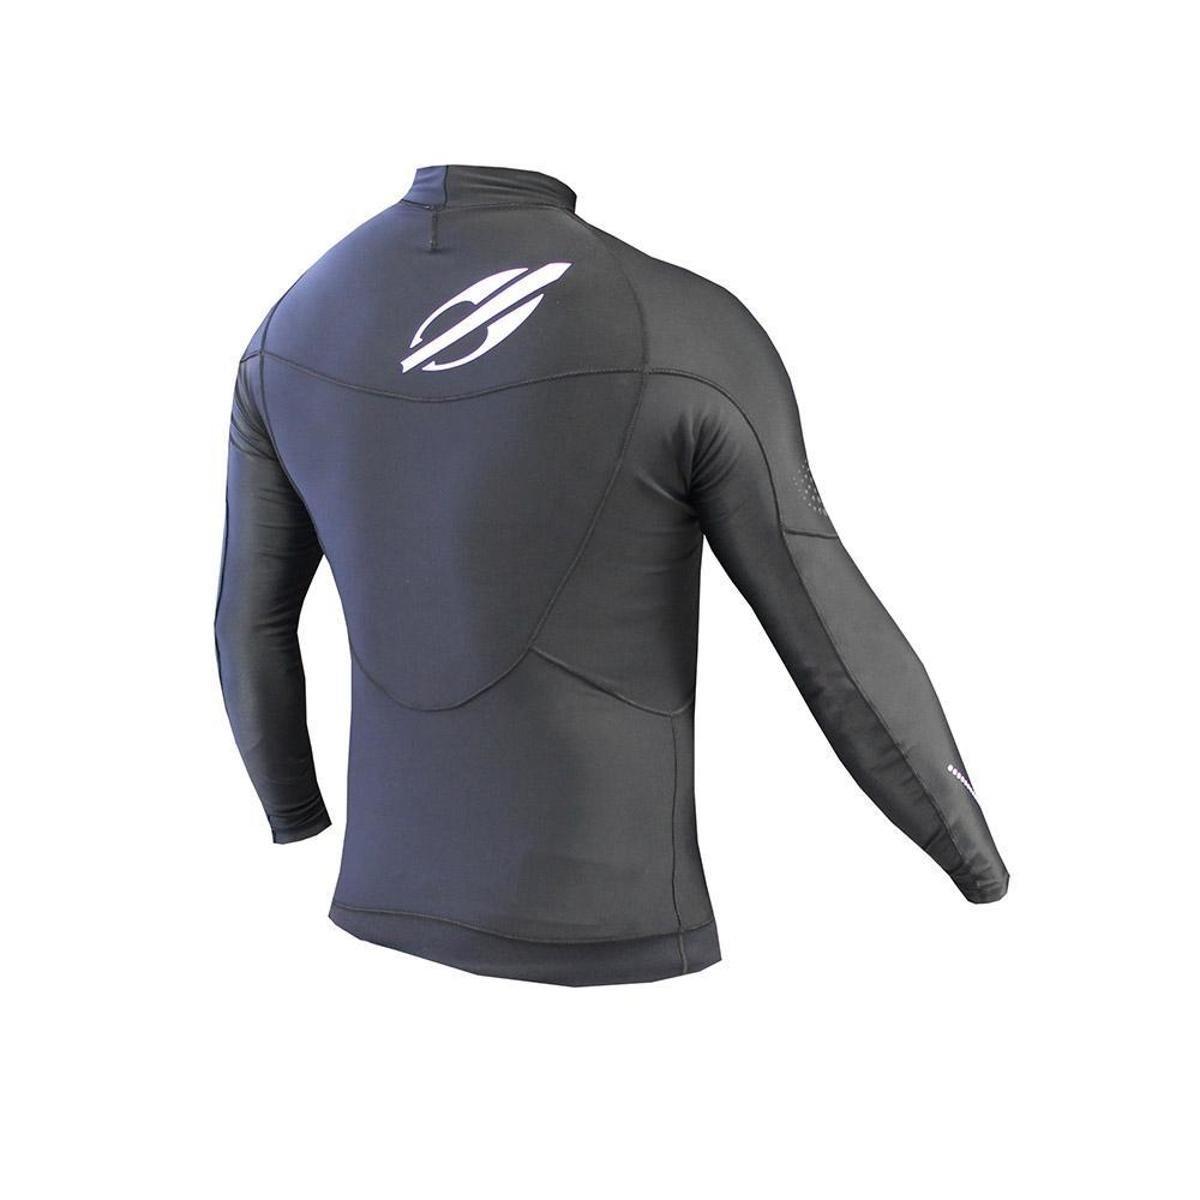 Camiseta Mormaii Masculina Elastano (Linha Surf) - Compre Agora ... 007177f169